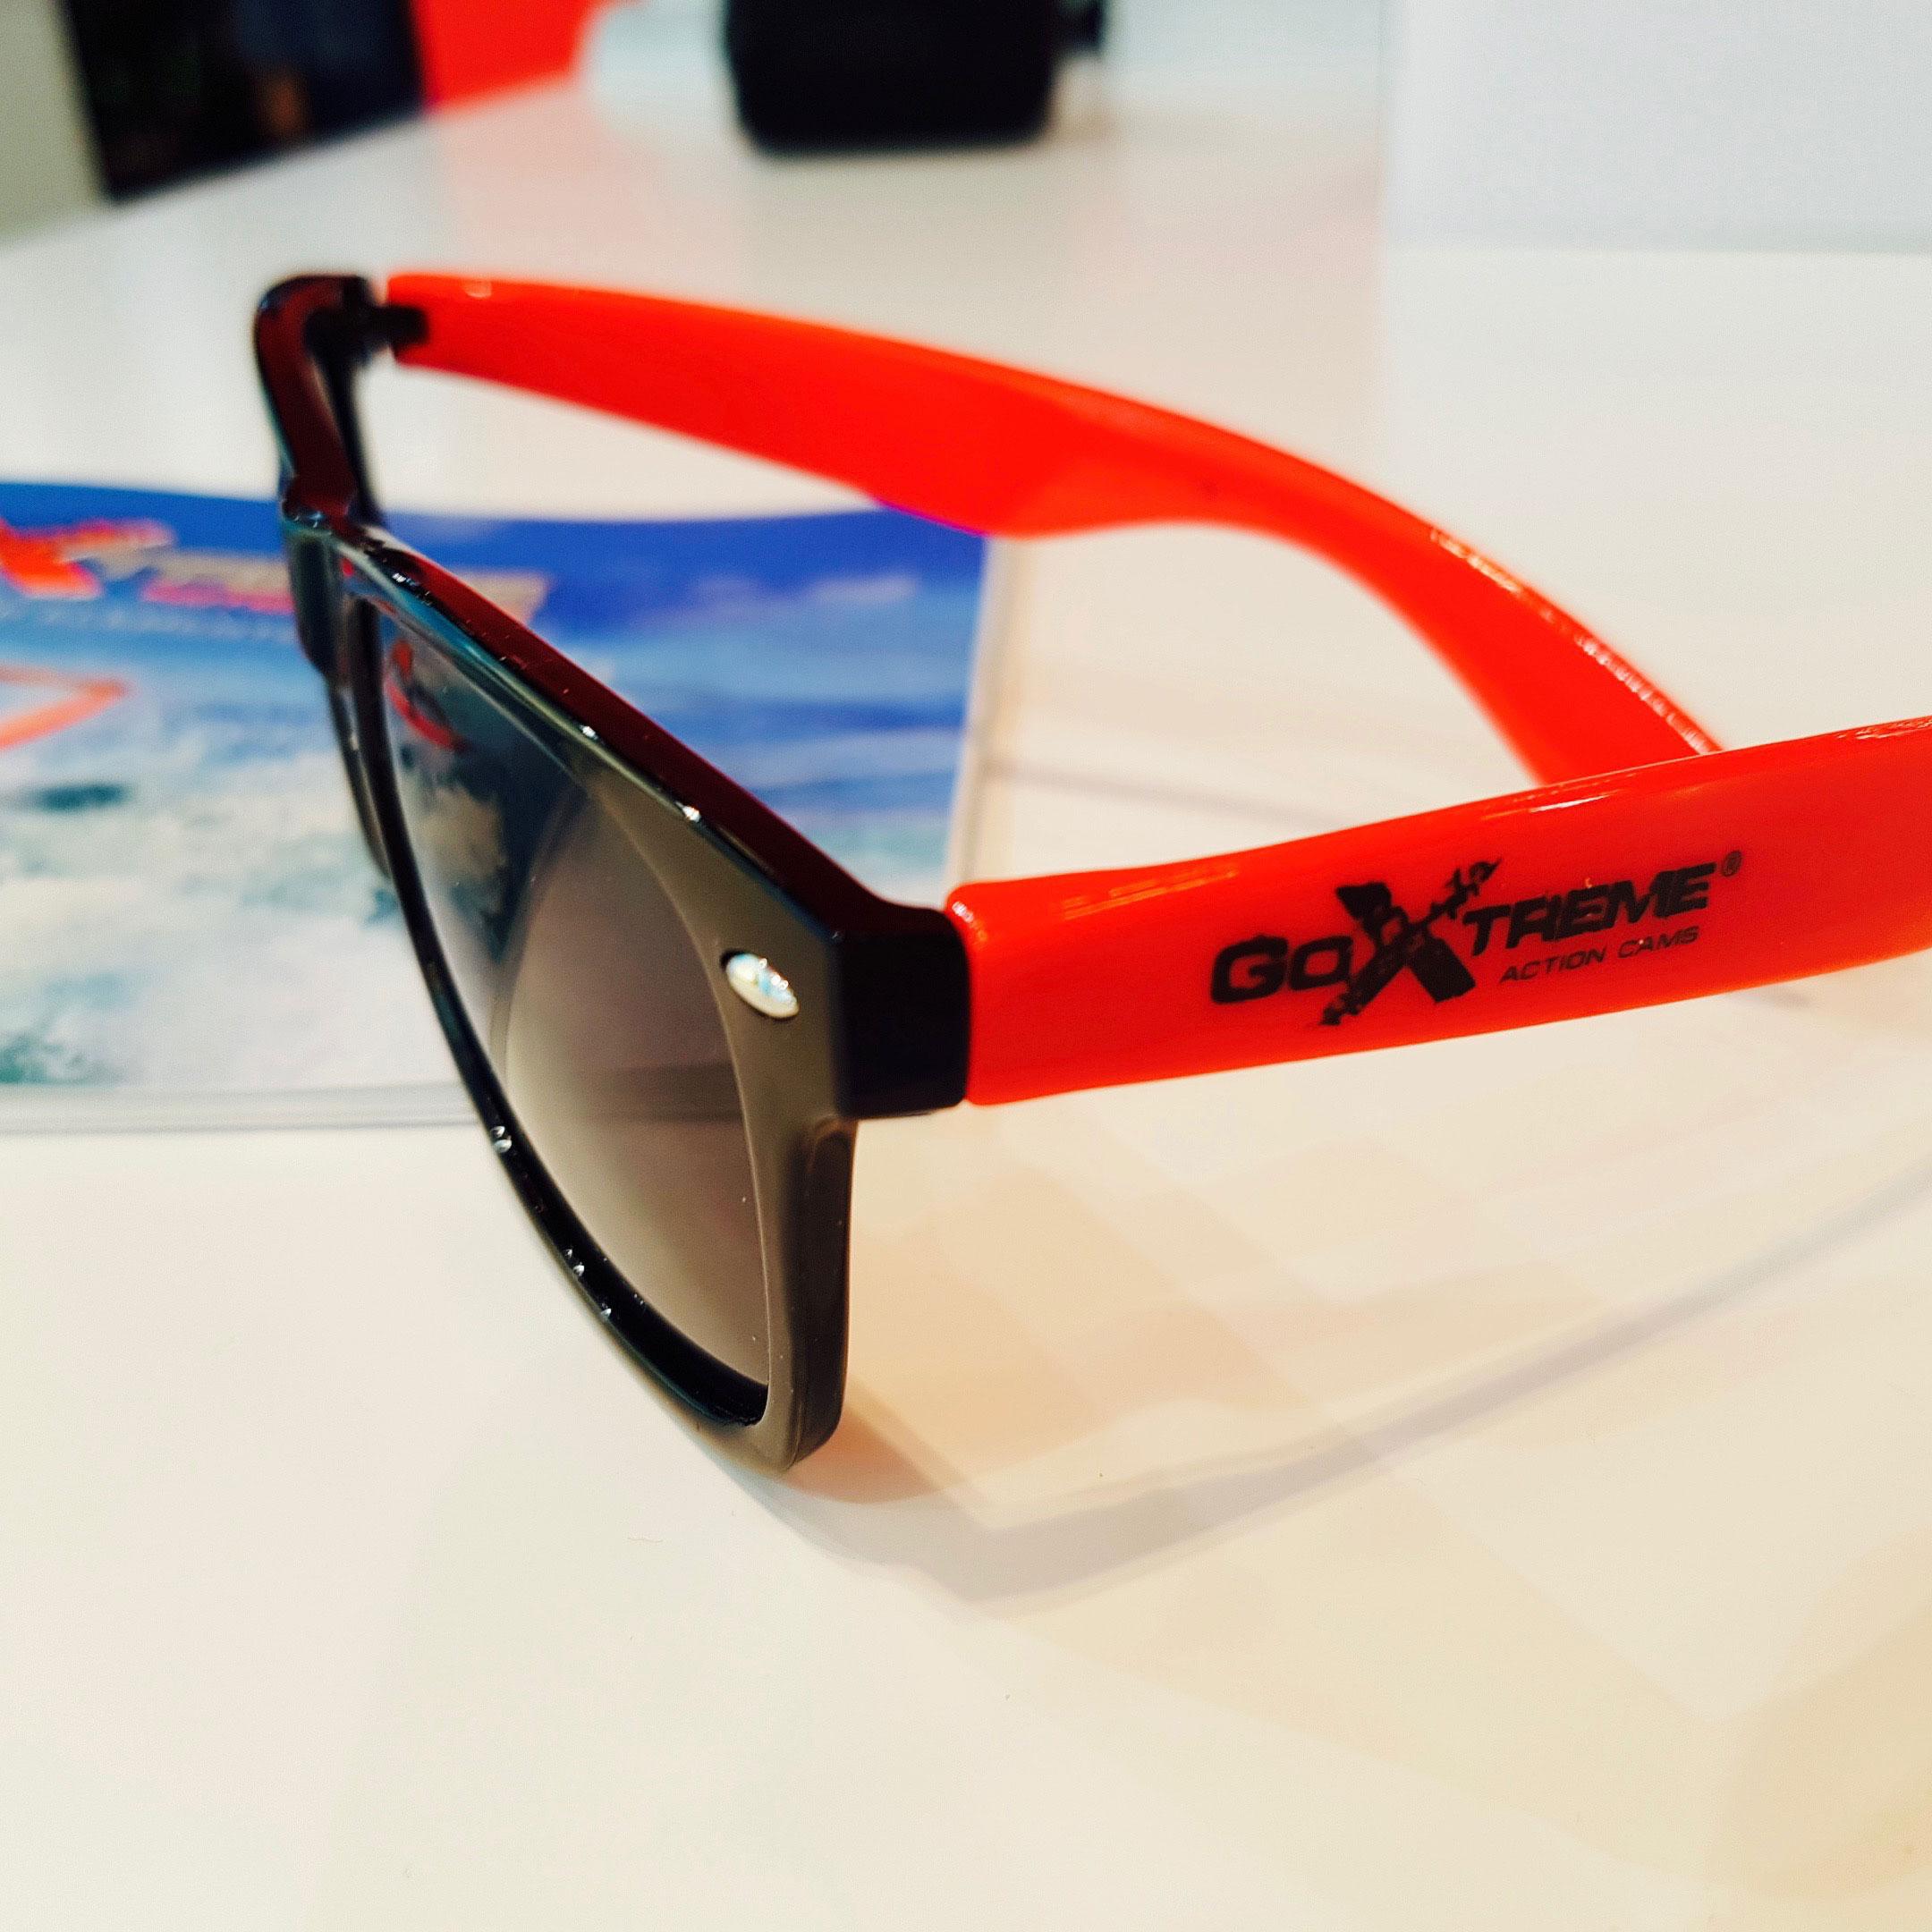 GoXtreme Action Sunglasses